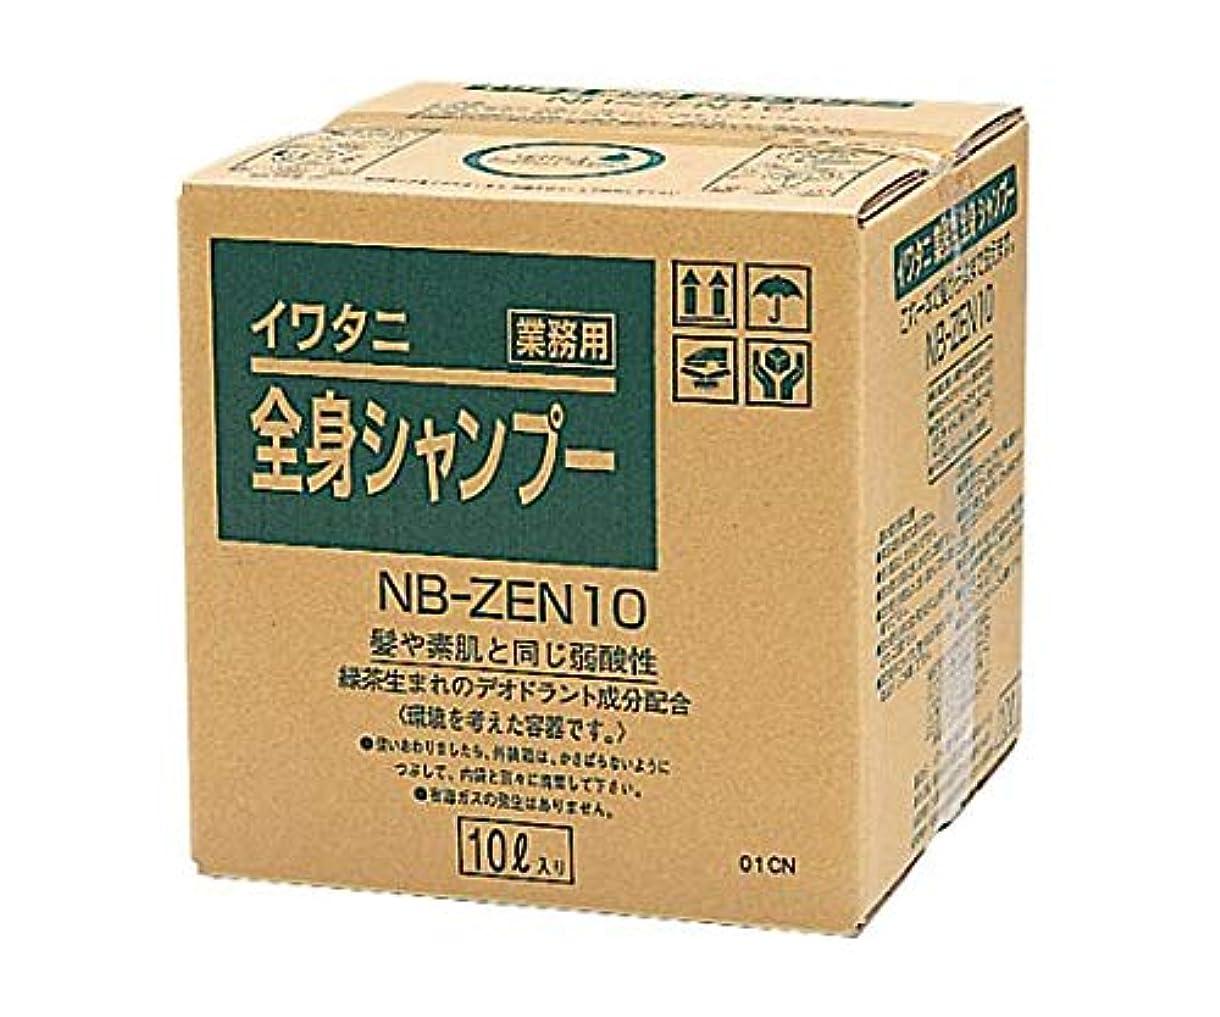 器具恐怖まとめるイワタニ理化 業務用全身シャンプー 10L NB-ZEN10